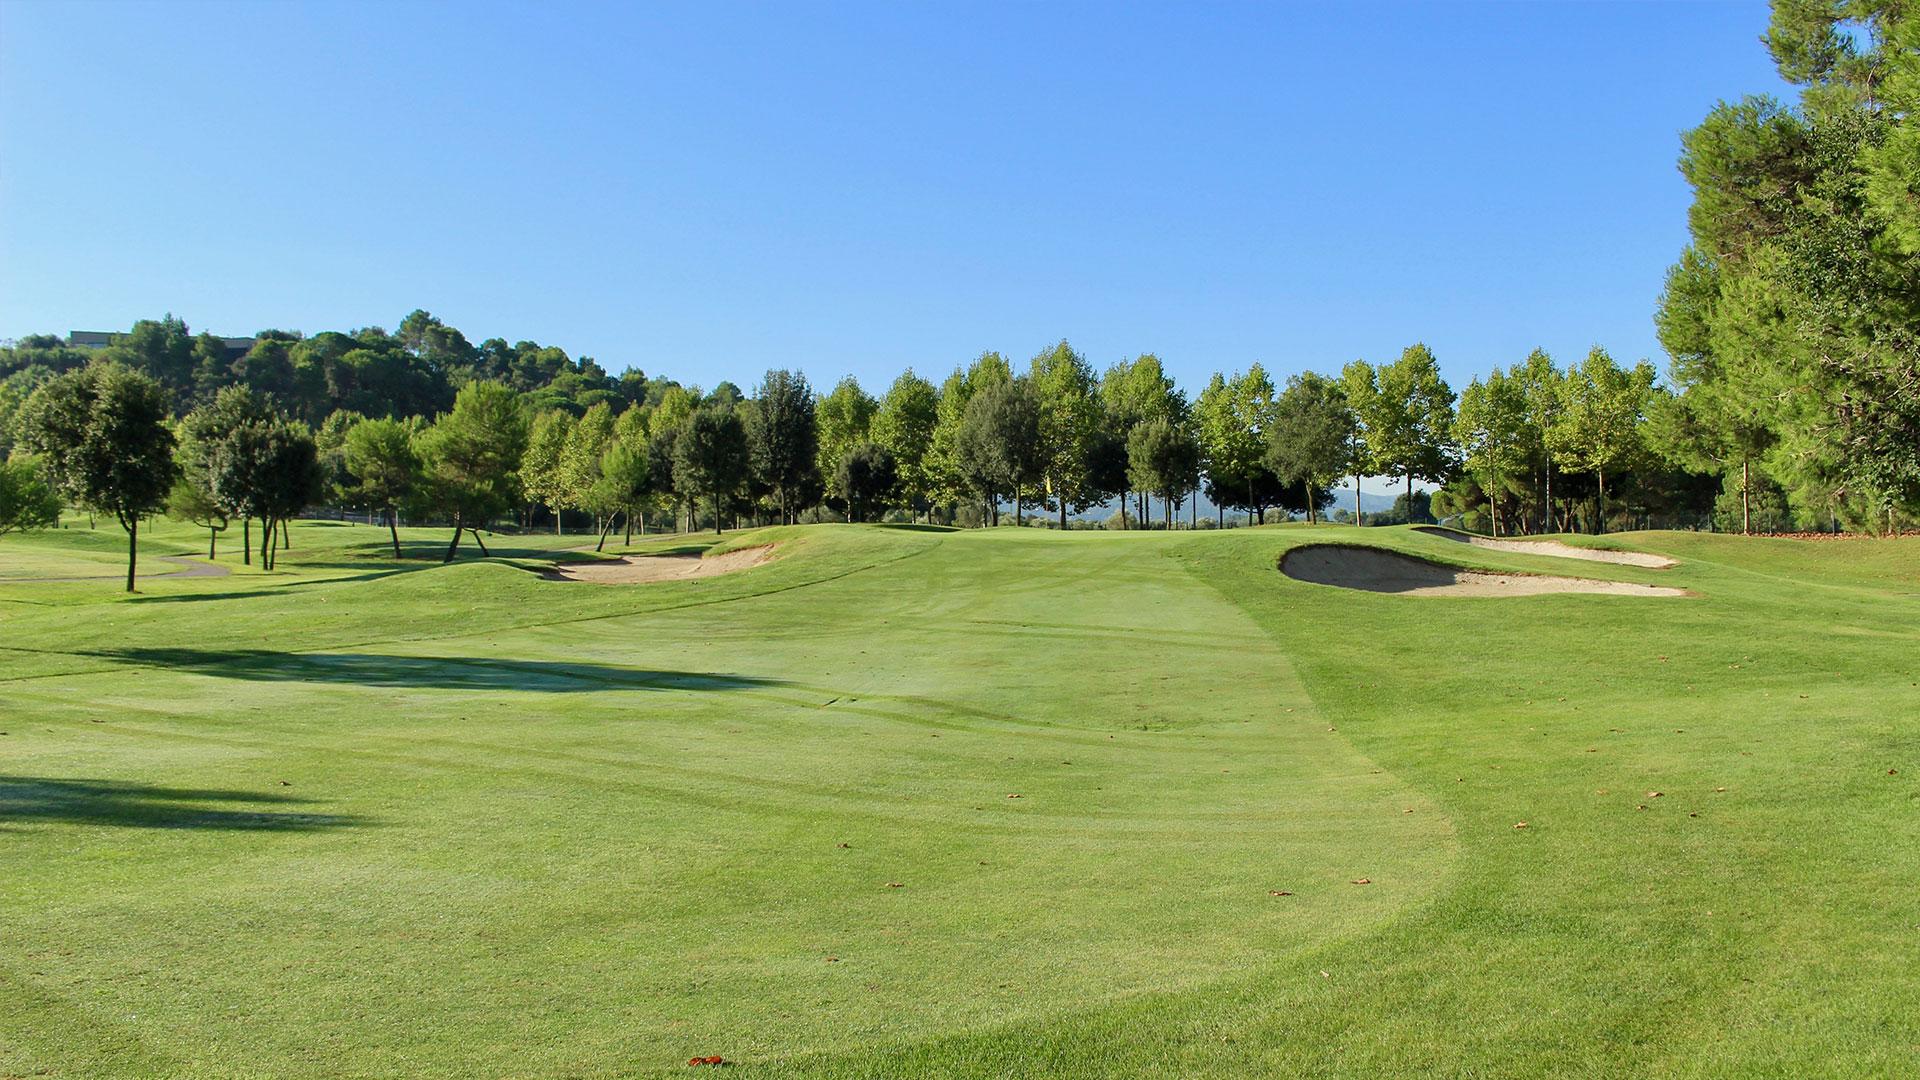 campo de golf la roca arboles y bunkers